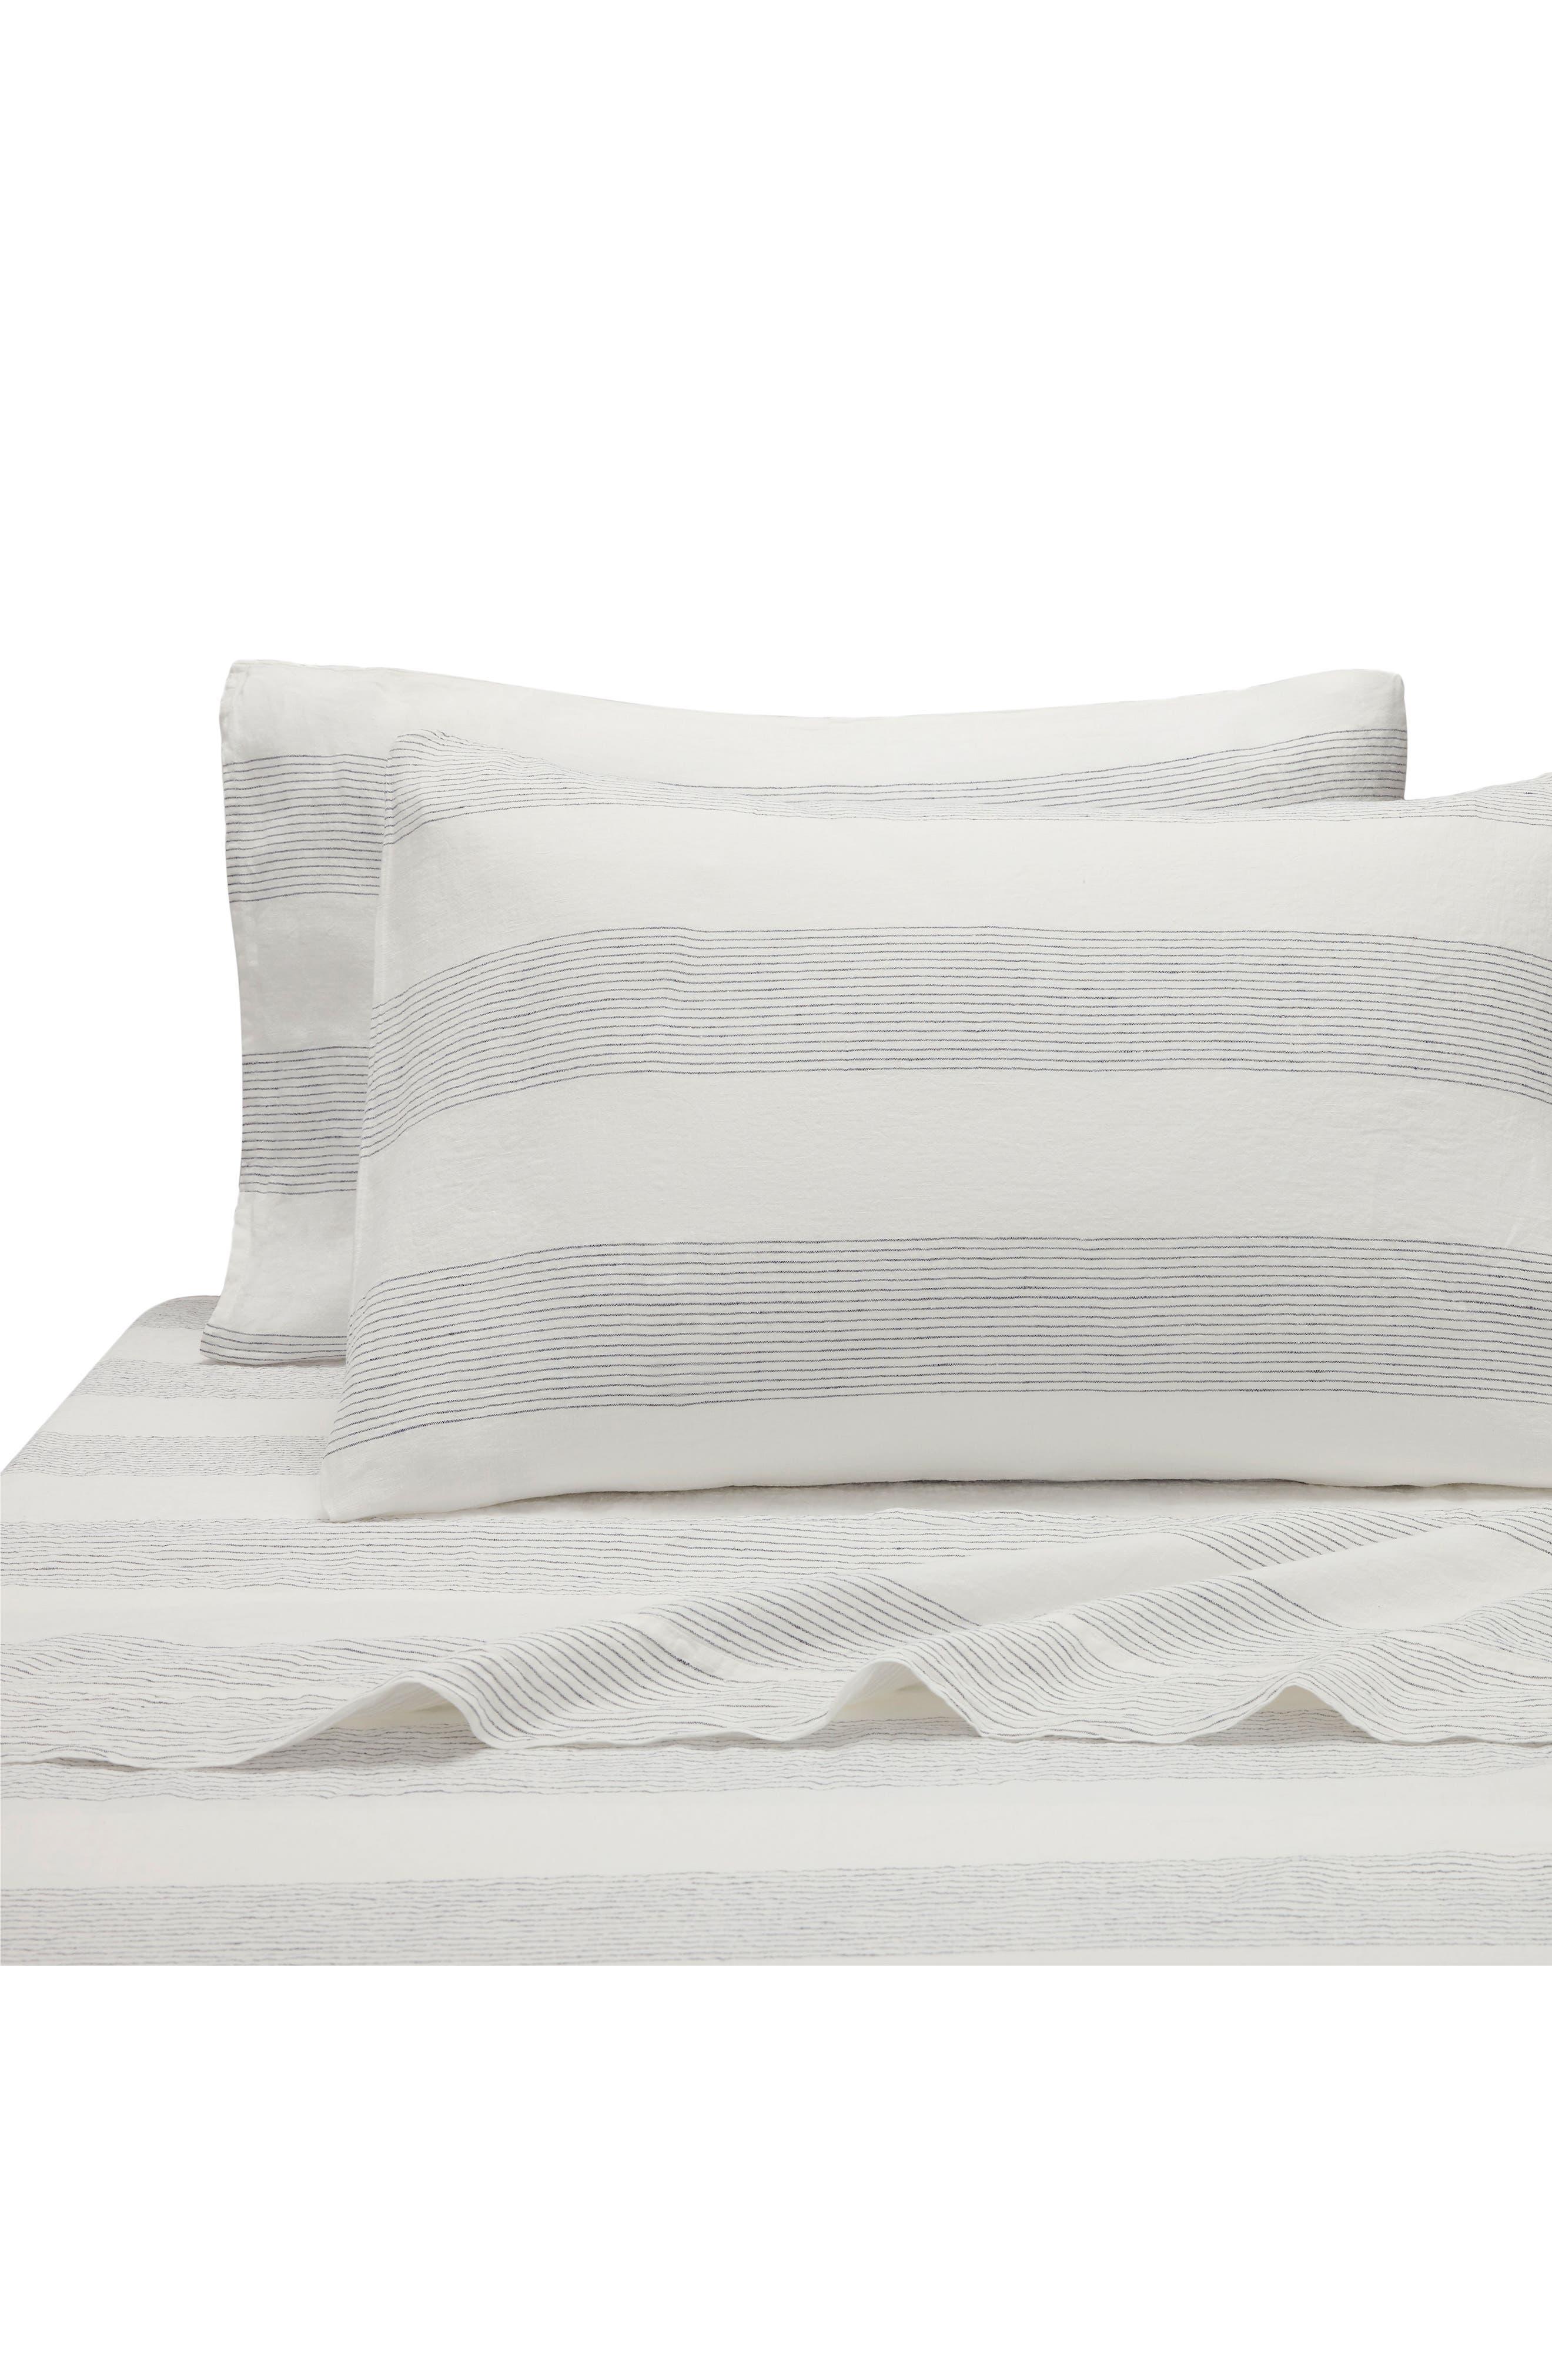 KASSATEX Amagansett Linen 300 Thread Count Pillowcase